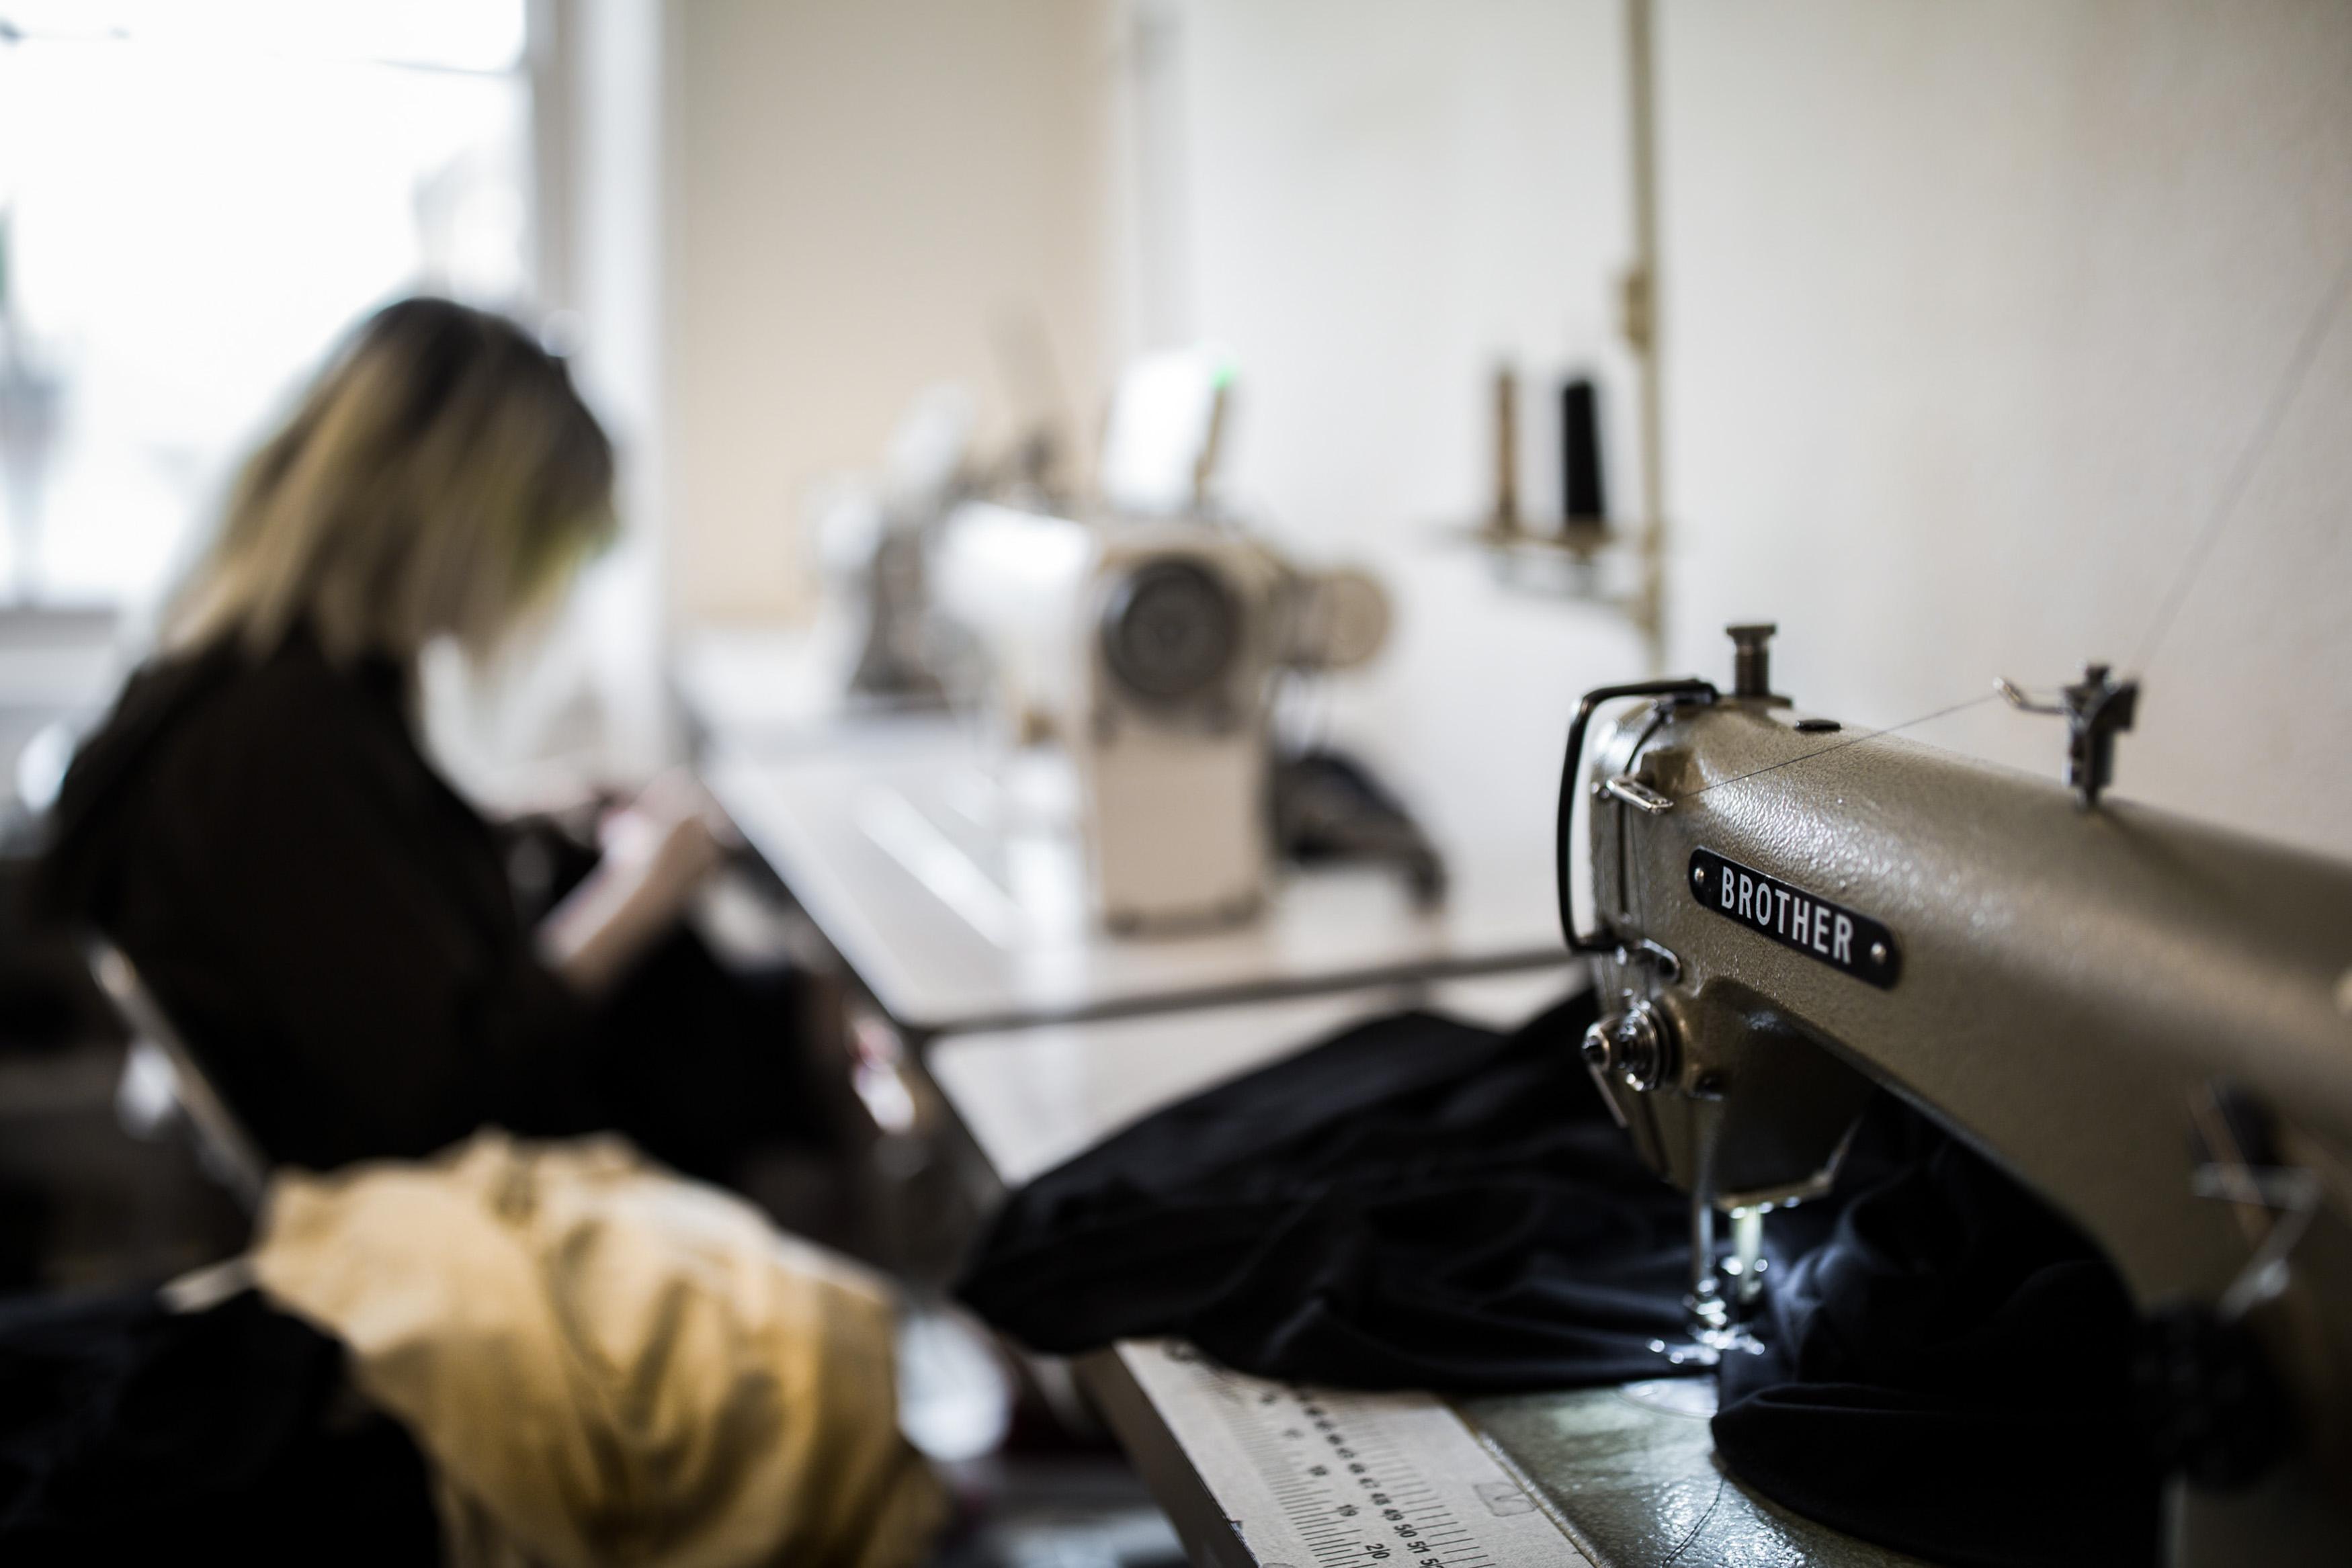 Inside the Rabbithole London Atelier